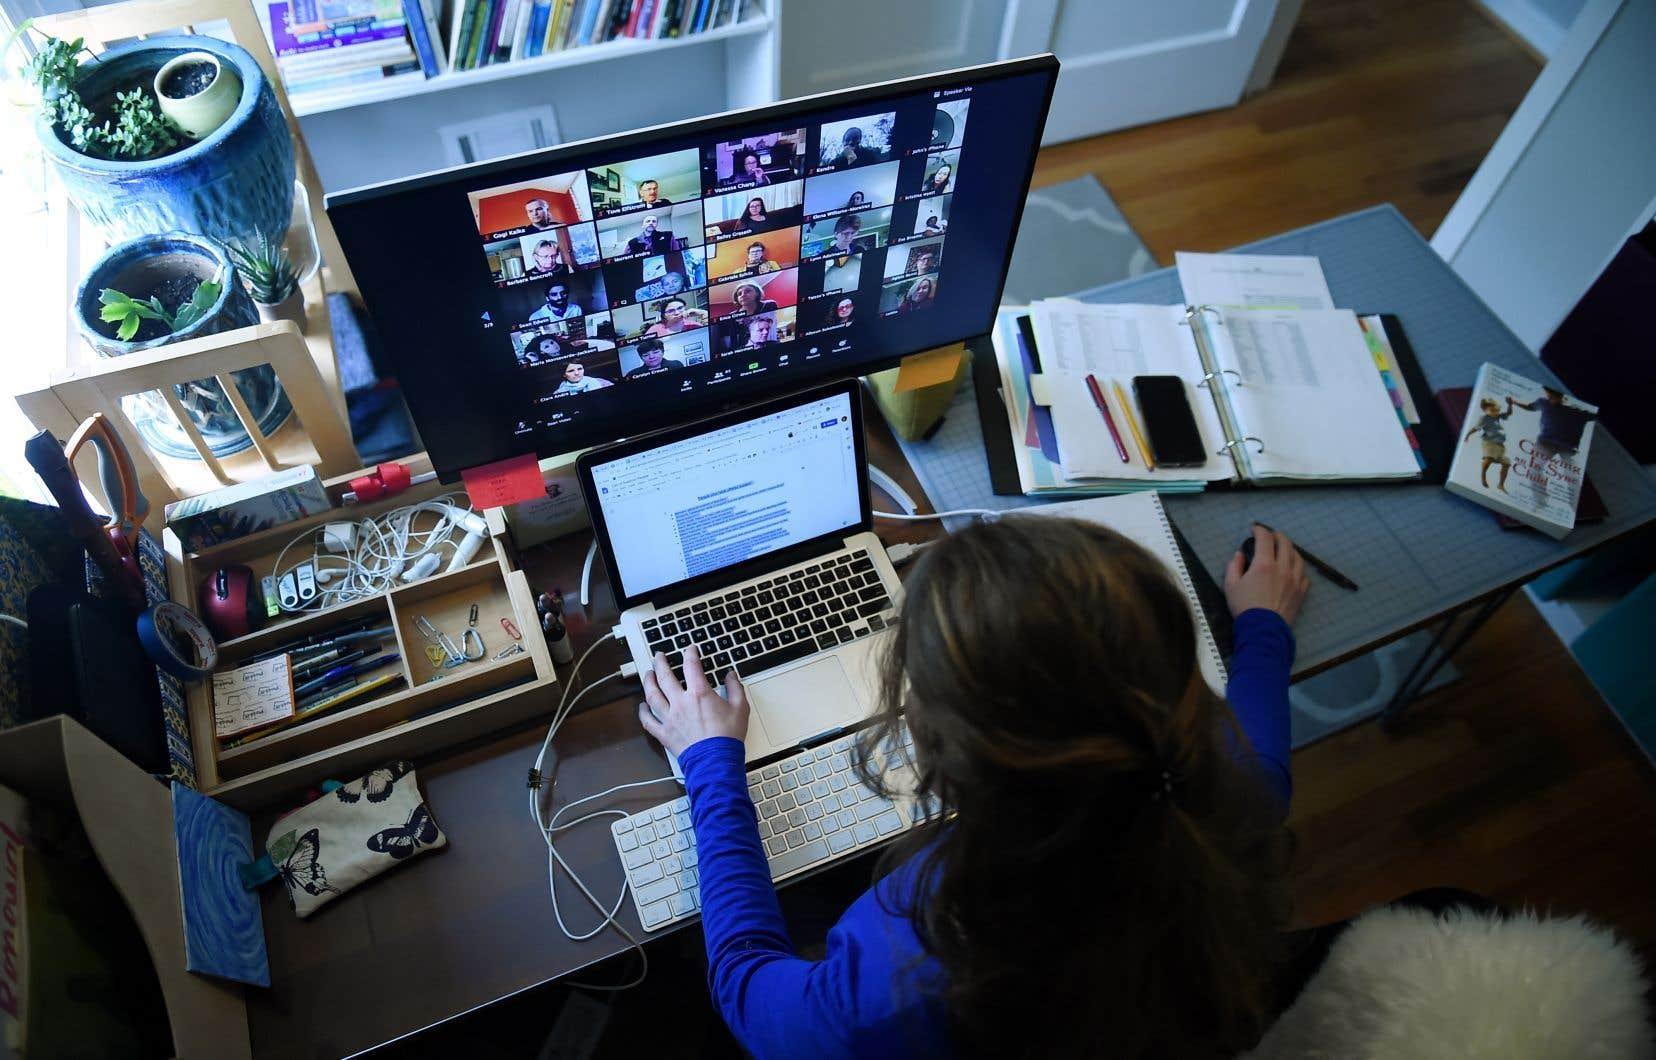 Le Centre canadien pour la cybersécurité a mis en garde les utilisateurs de ces applications de vidéoconférences des risques «d'infiltrations et de perturbations inattendues» de ces réunions en ligne.